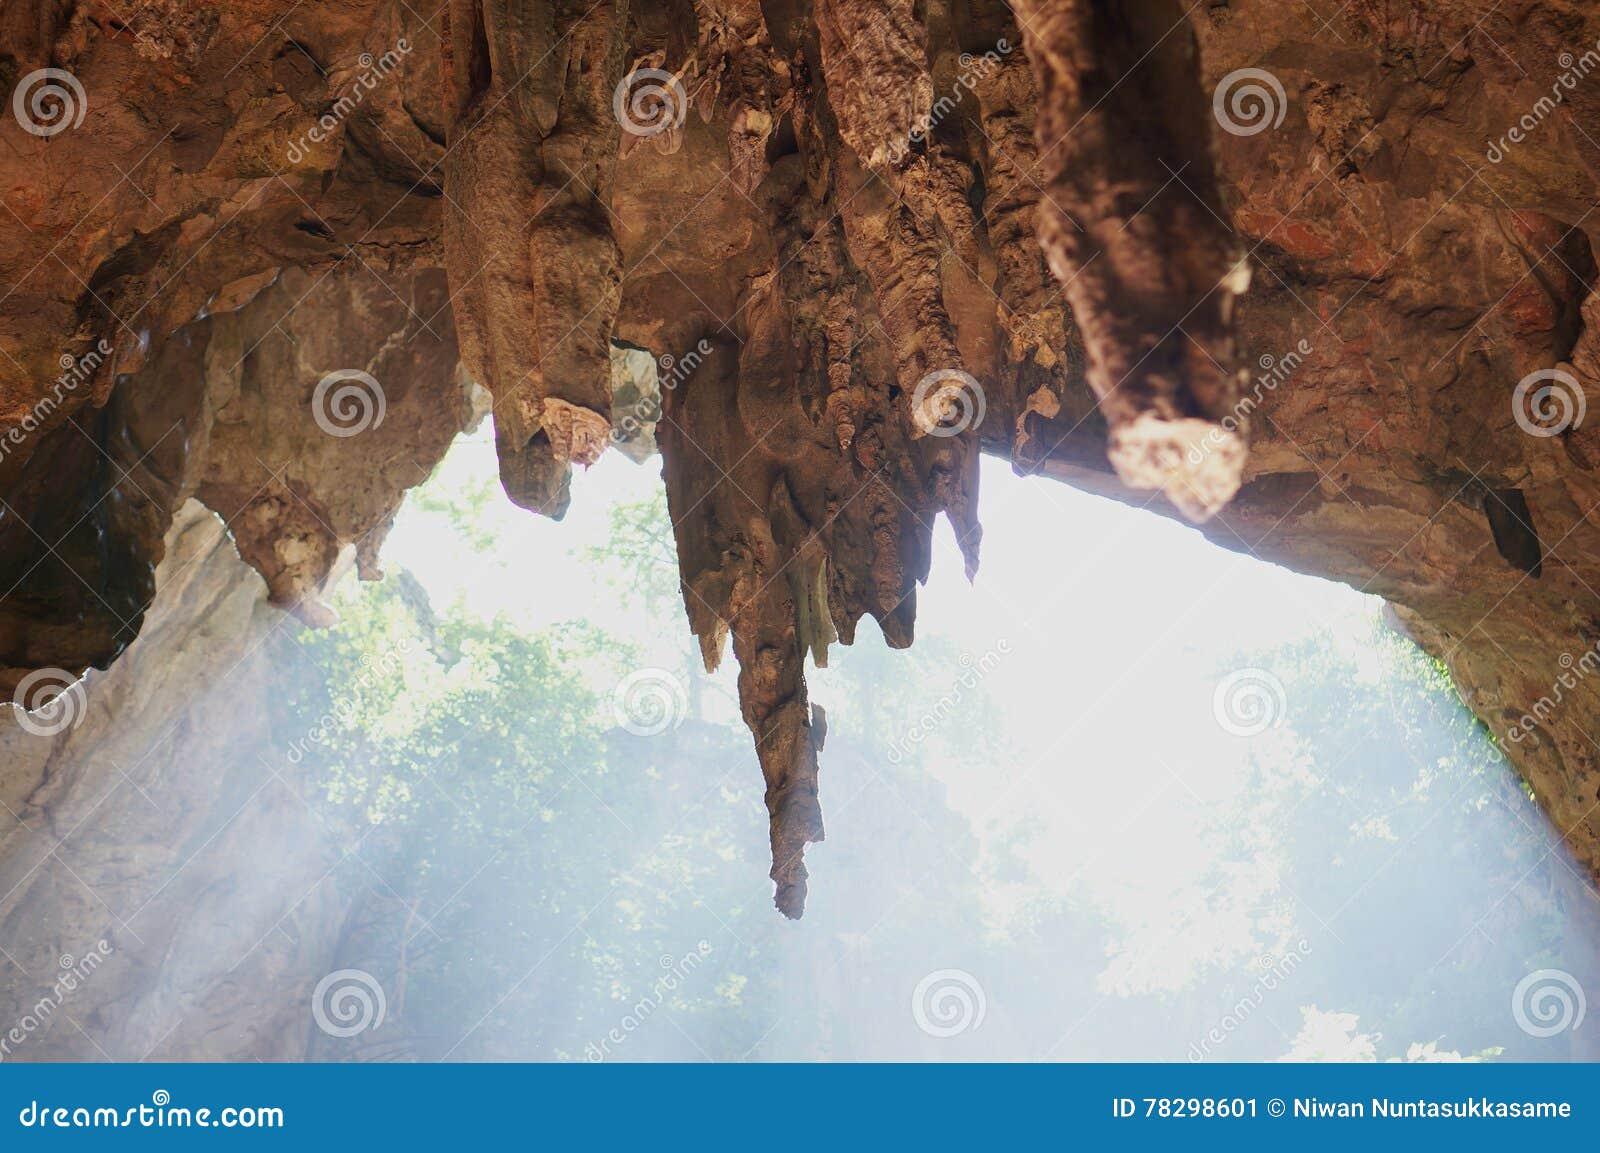 Höhlenstalaktiten und -Sonnenstrahl am Morgen